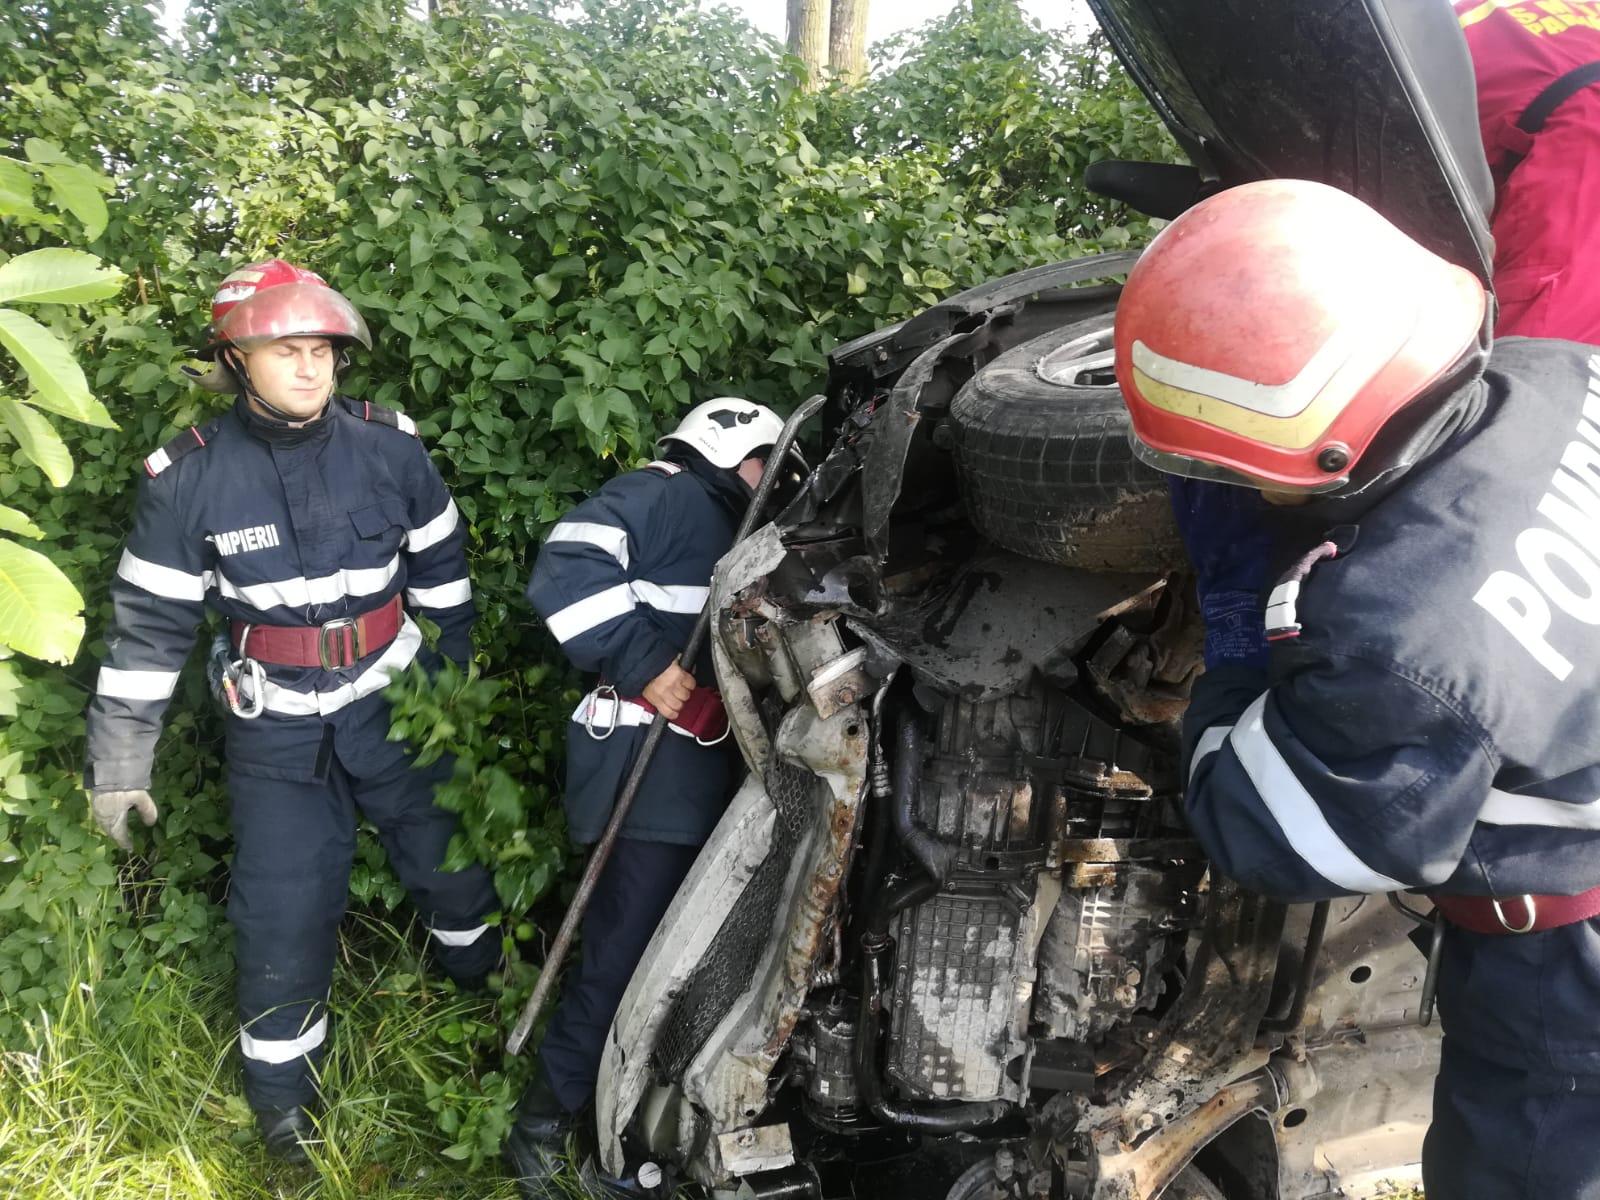 accident salard 7 iunie dn19